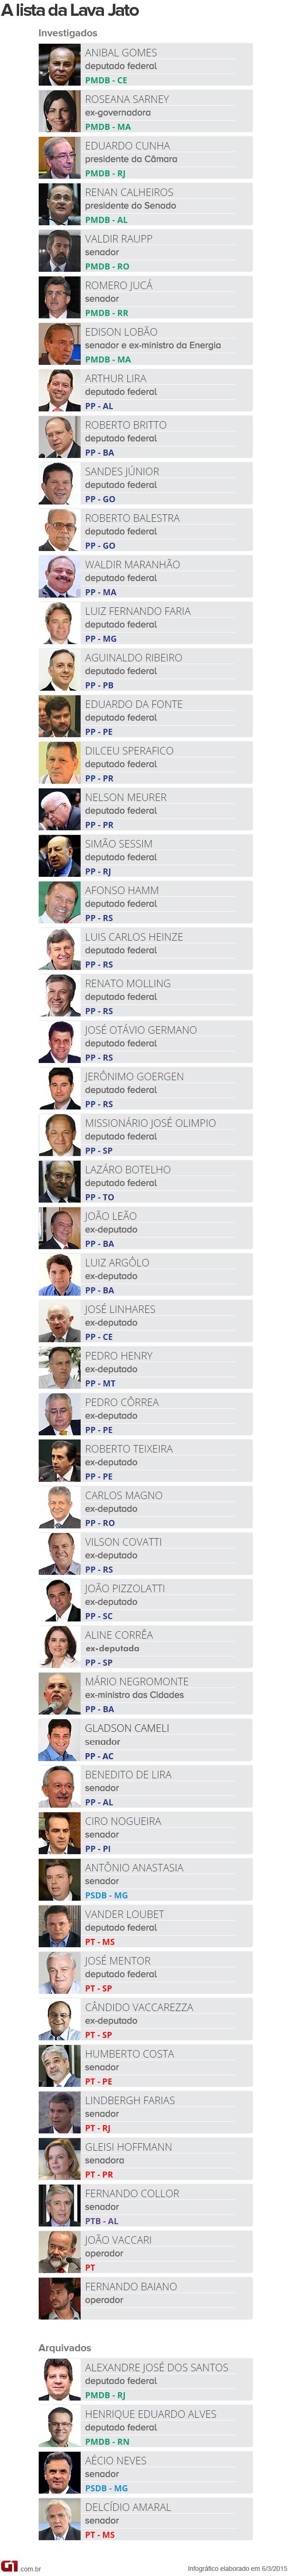 arte lista janot - lista de políticos - vale esta (Foto: Arte/ G1)